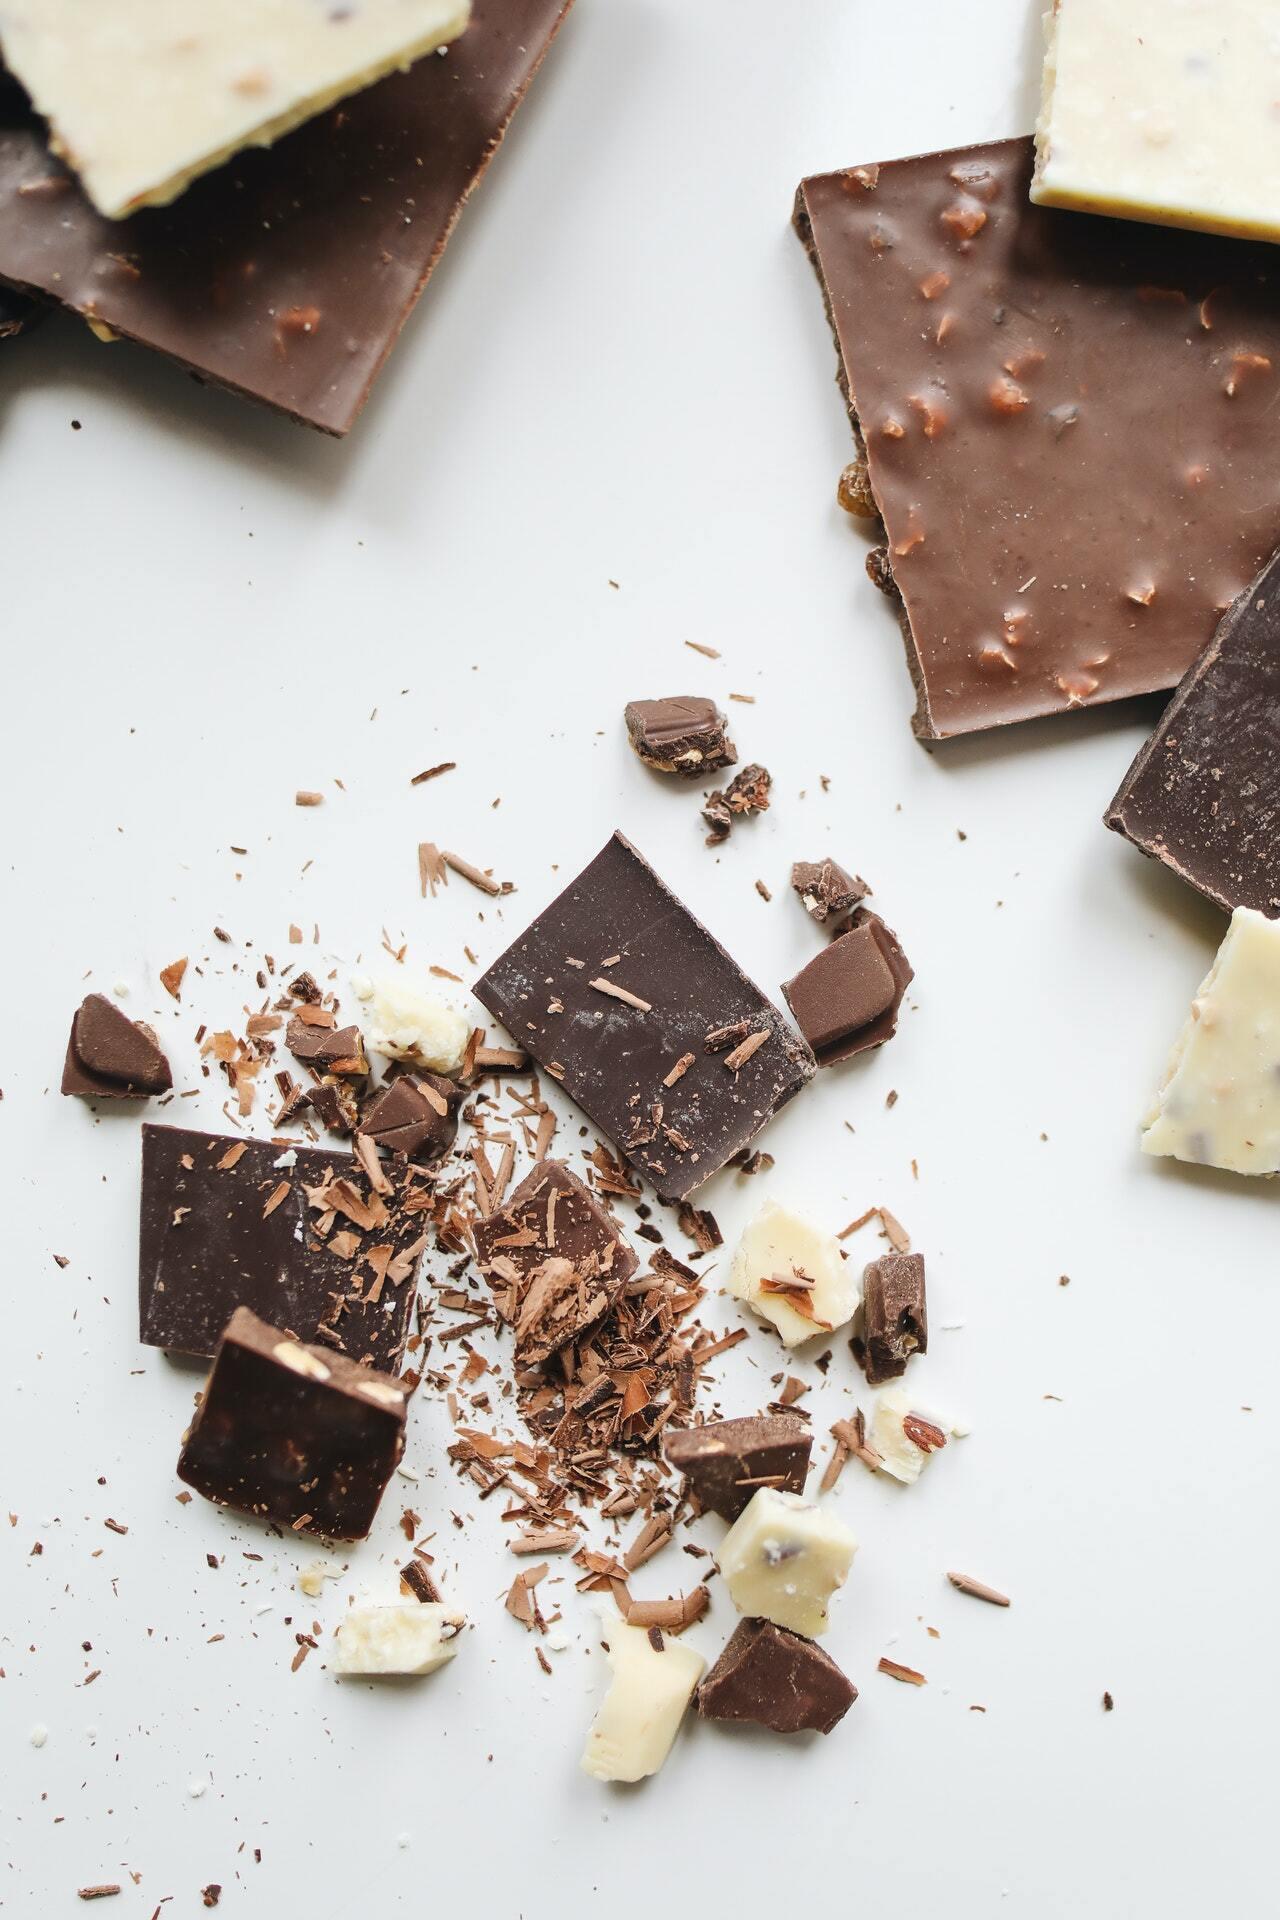 Шоколад не псується, навіть якщо має кірку